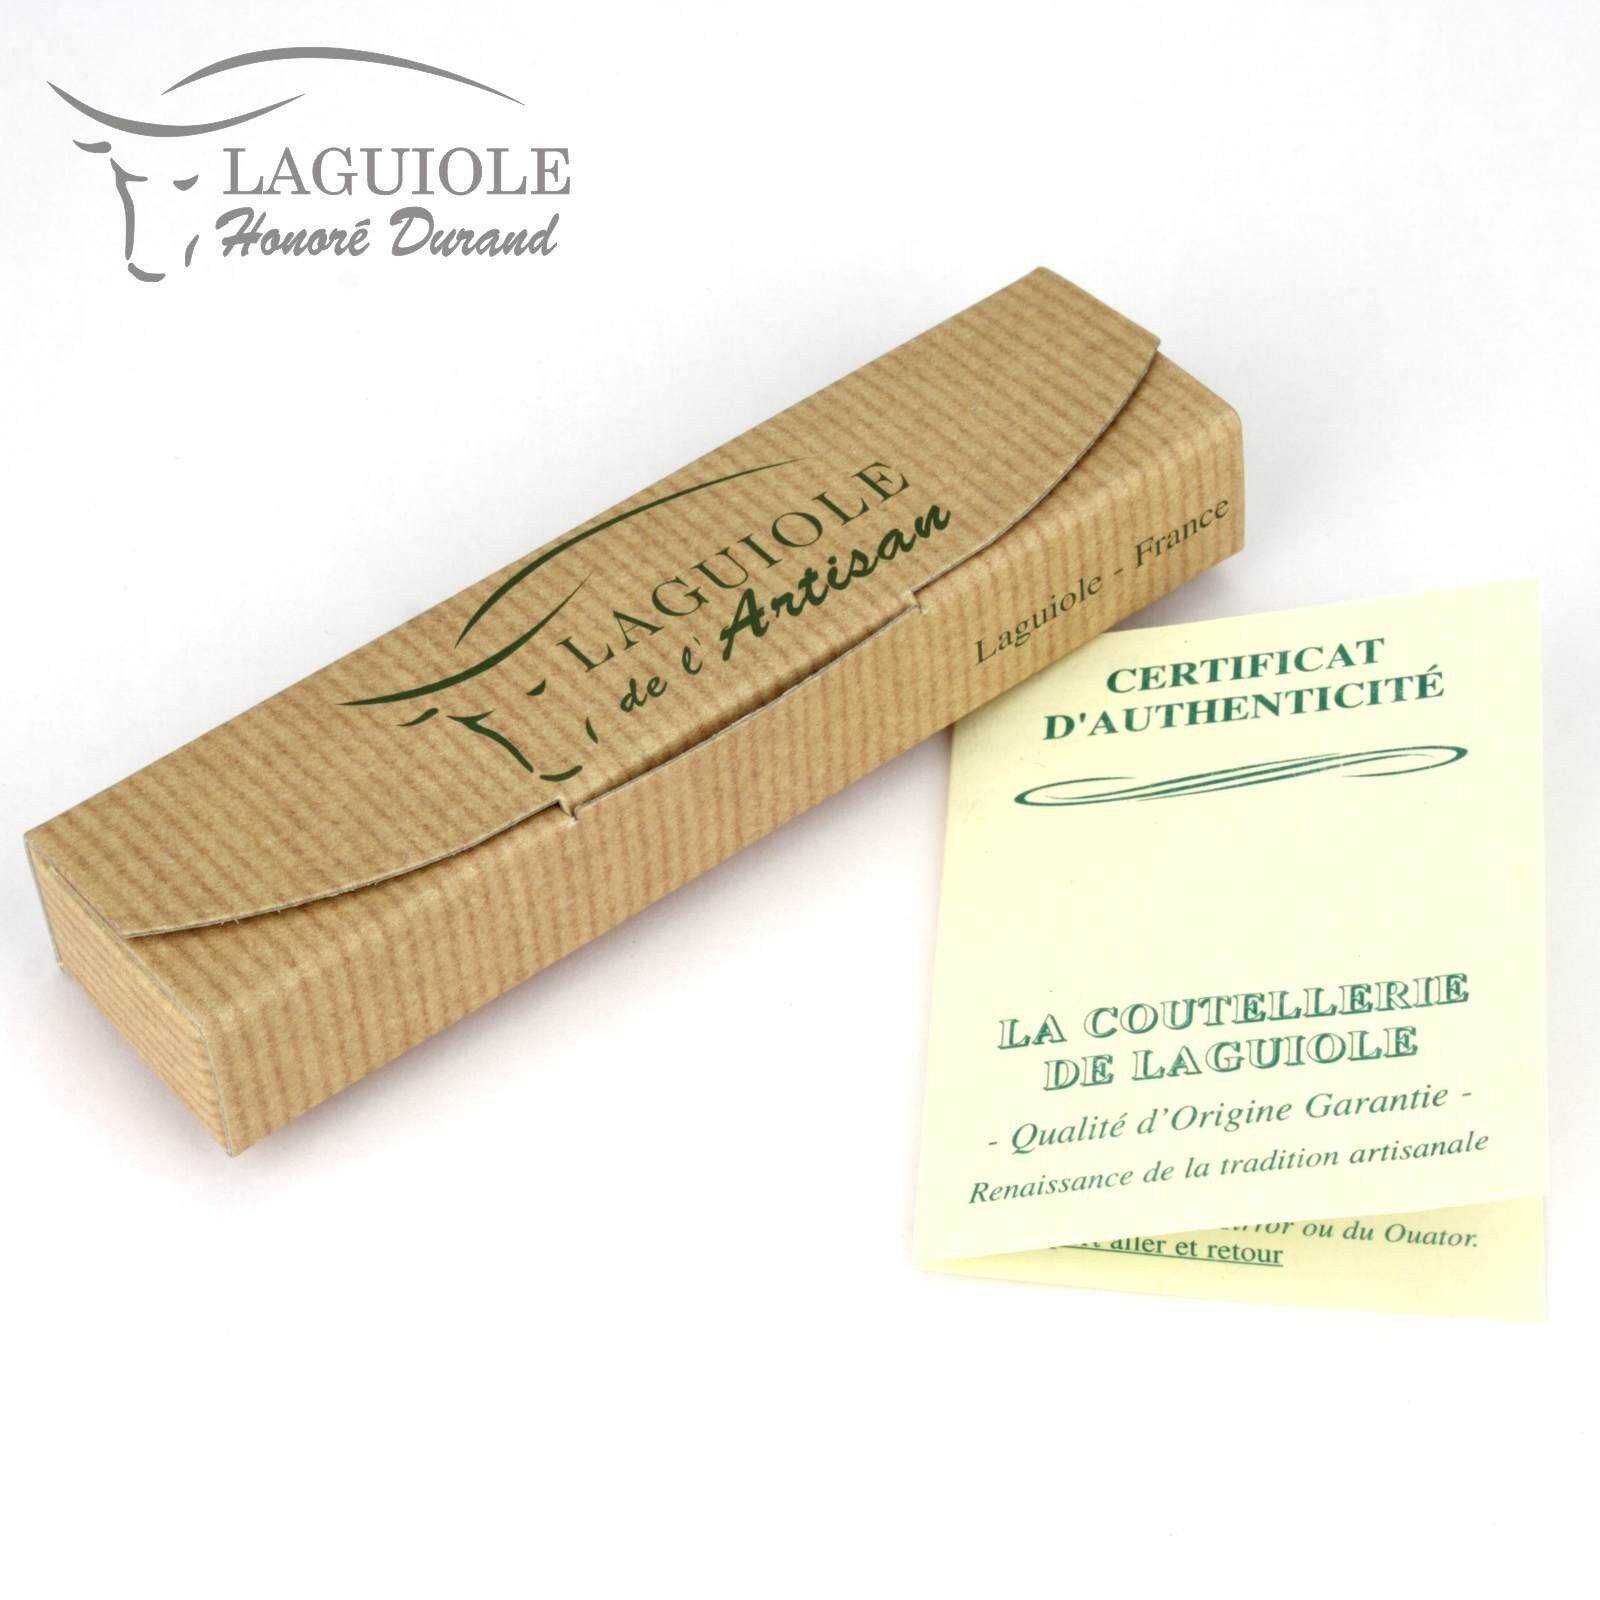 Laguiole Honoré Durand 12 cm cm 12 Taschenmesser Serpent Holz Messer Stahl glänzend 6e3992